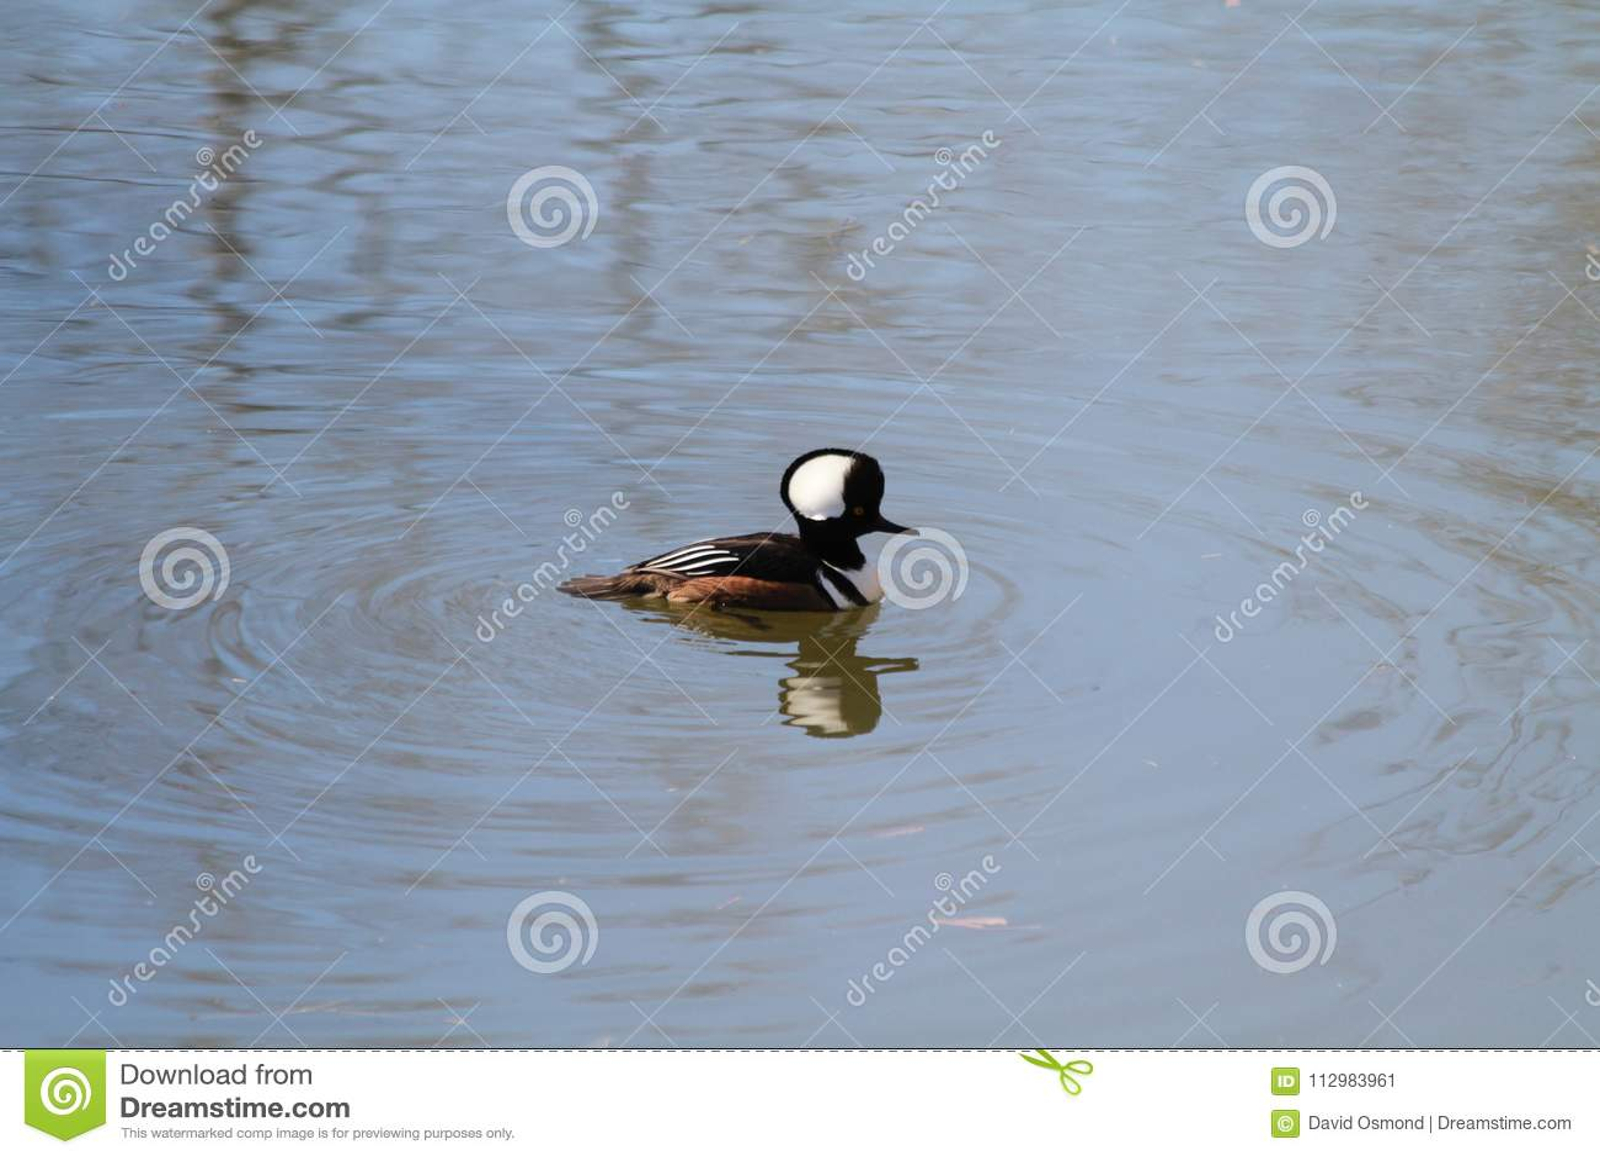 Hooded merganser swimming on a river